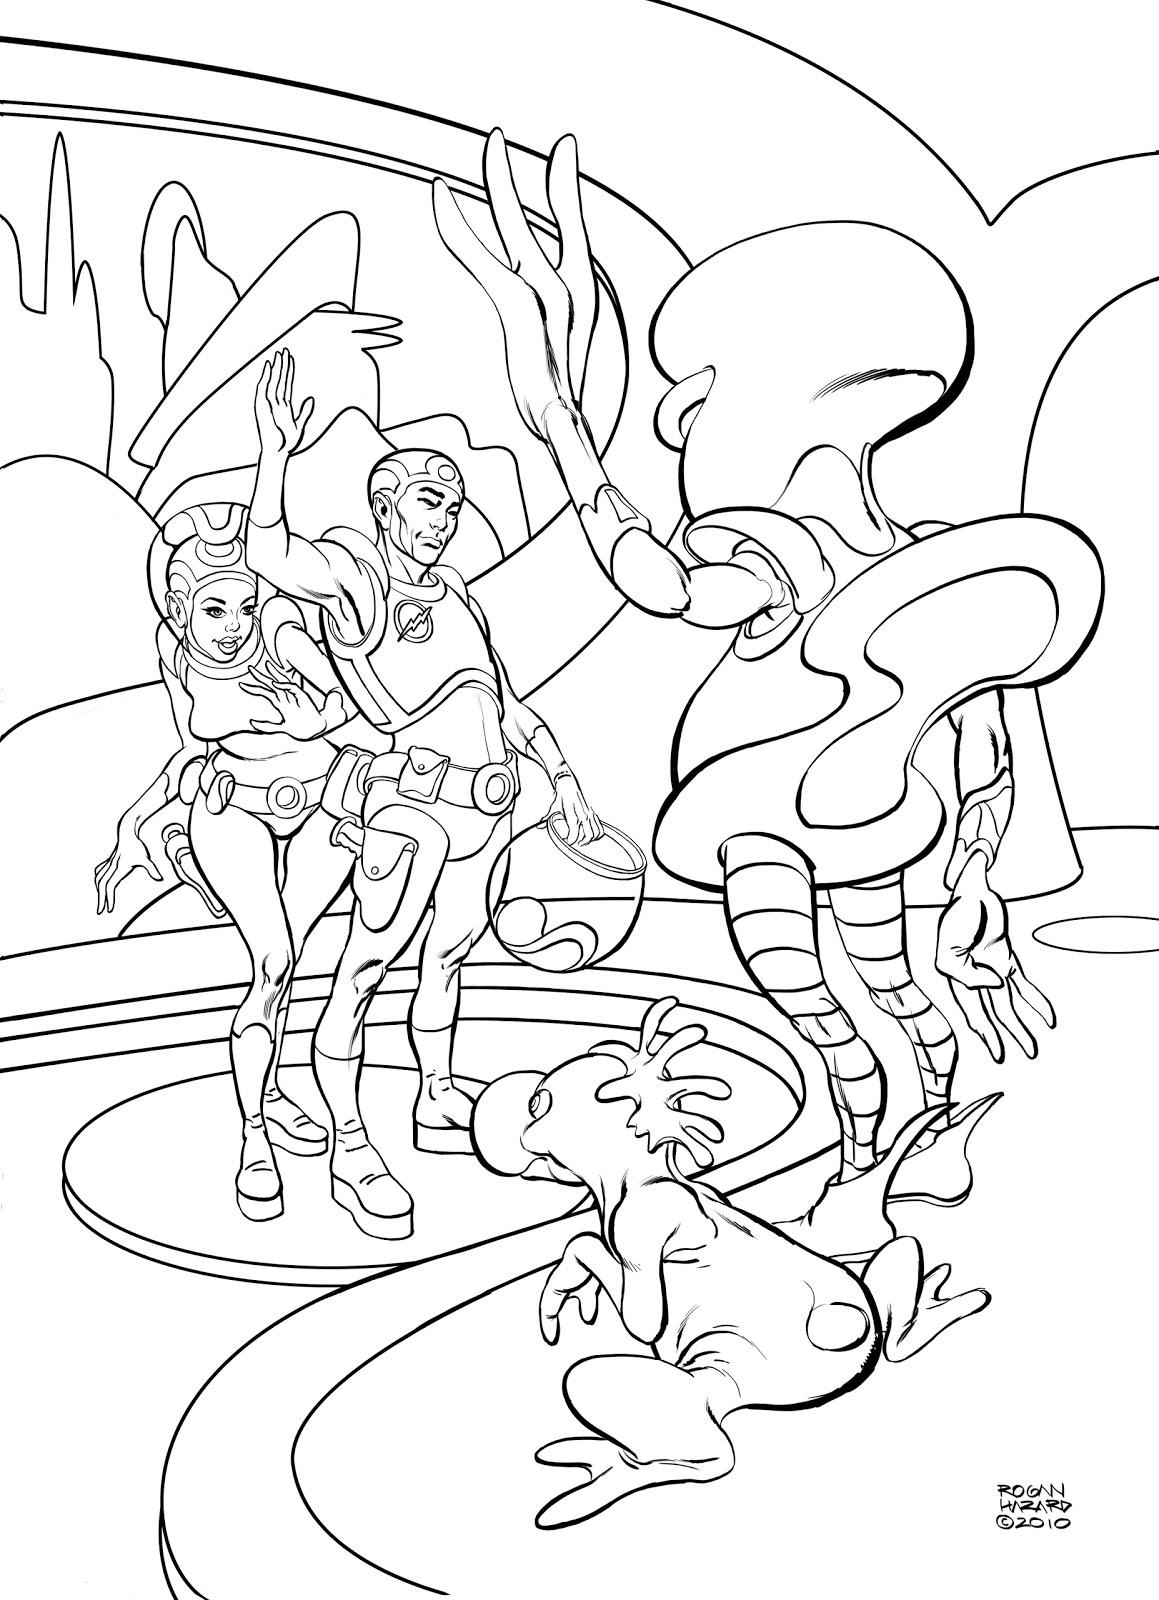 venus planet coloring pages - photo#17